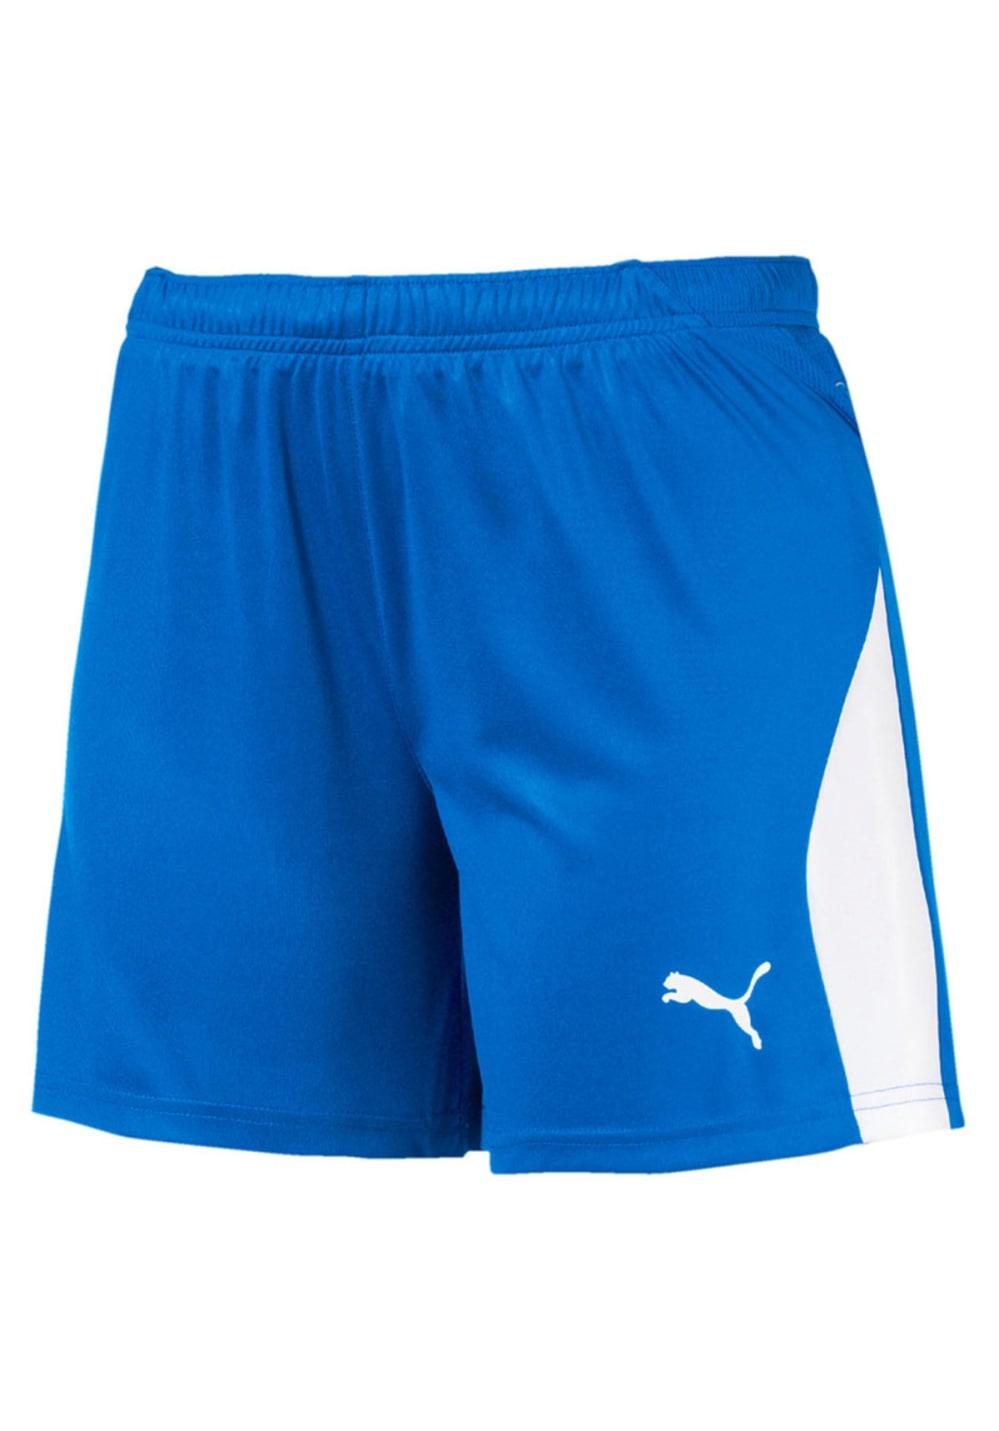 Sportmode für Frauen - Puma Liga Shorts Fitnesshosen für Damen Blau  - Onlineshop 21Run